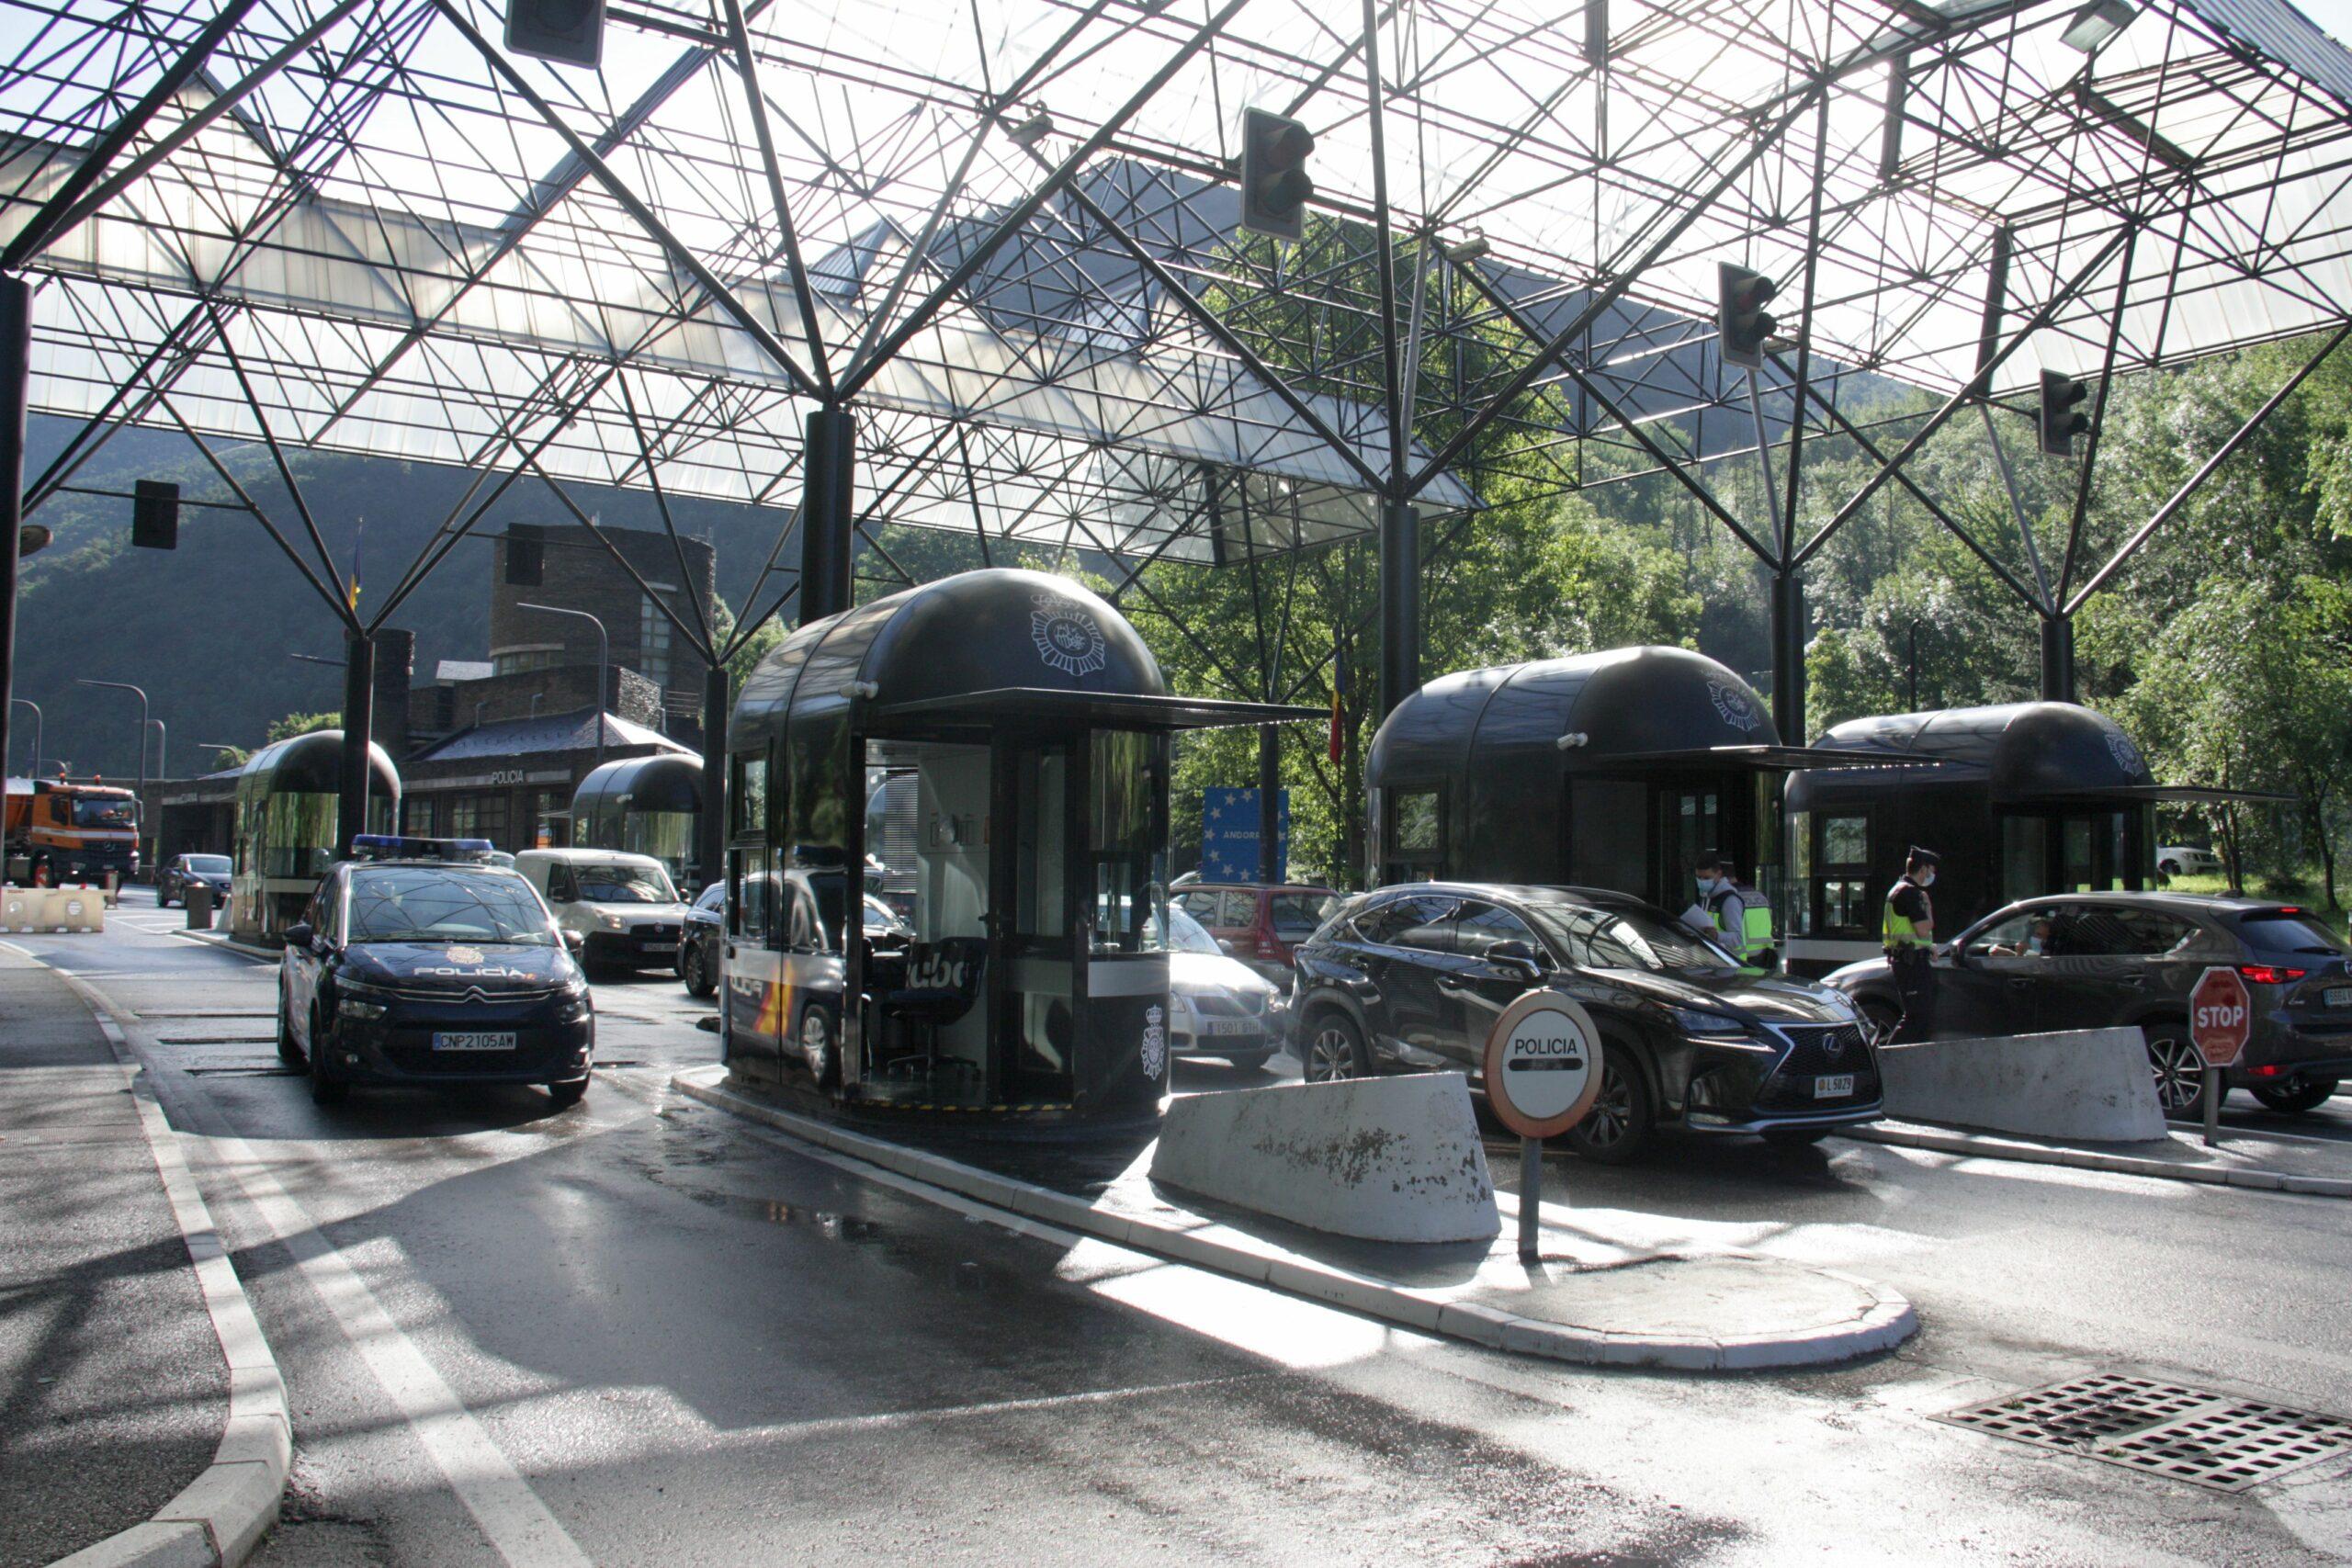 Pla general de vehicles a punt de sortir d'Andorra per la frontera amb Espanya